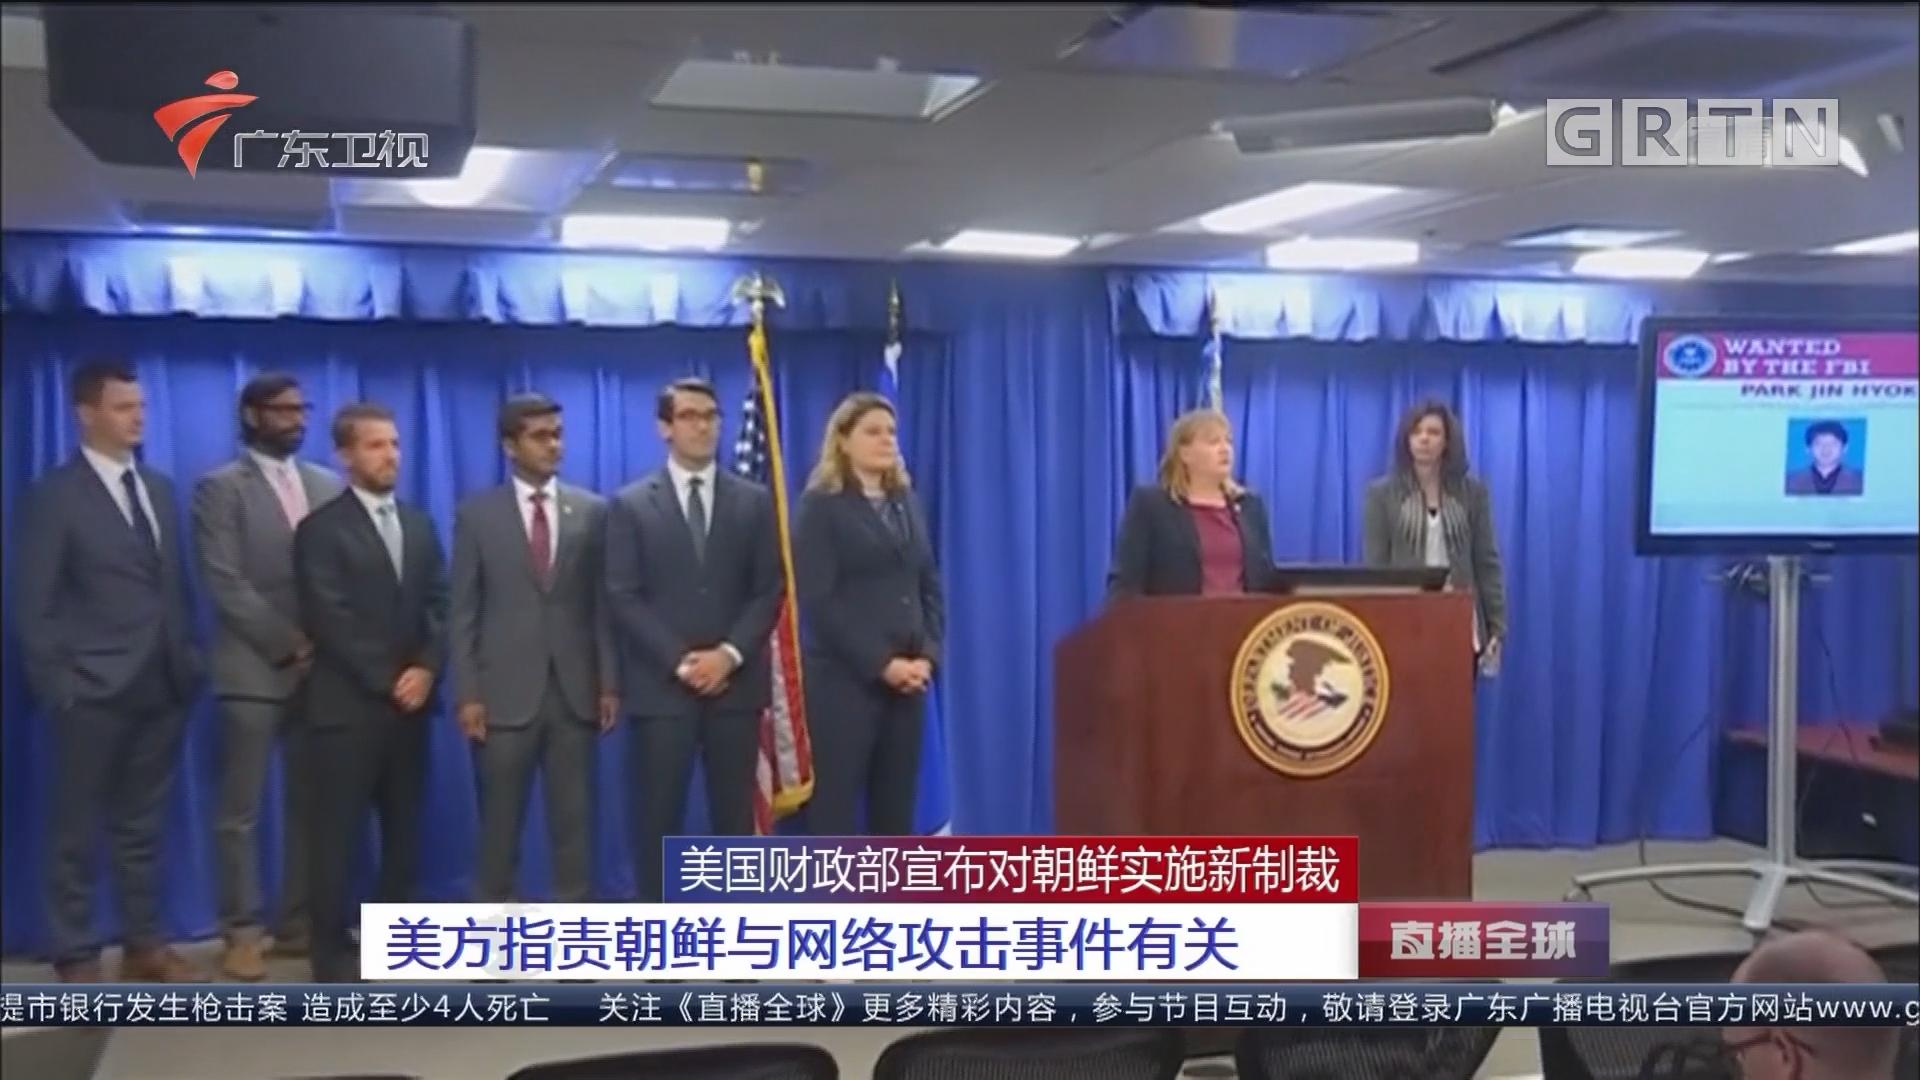 美国财政部宣布对朝鲜实施新制裁:美方指责朝鲜与网络攻击事件有关